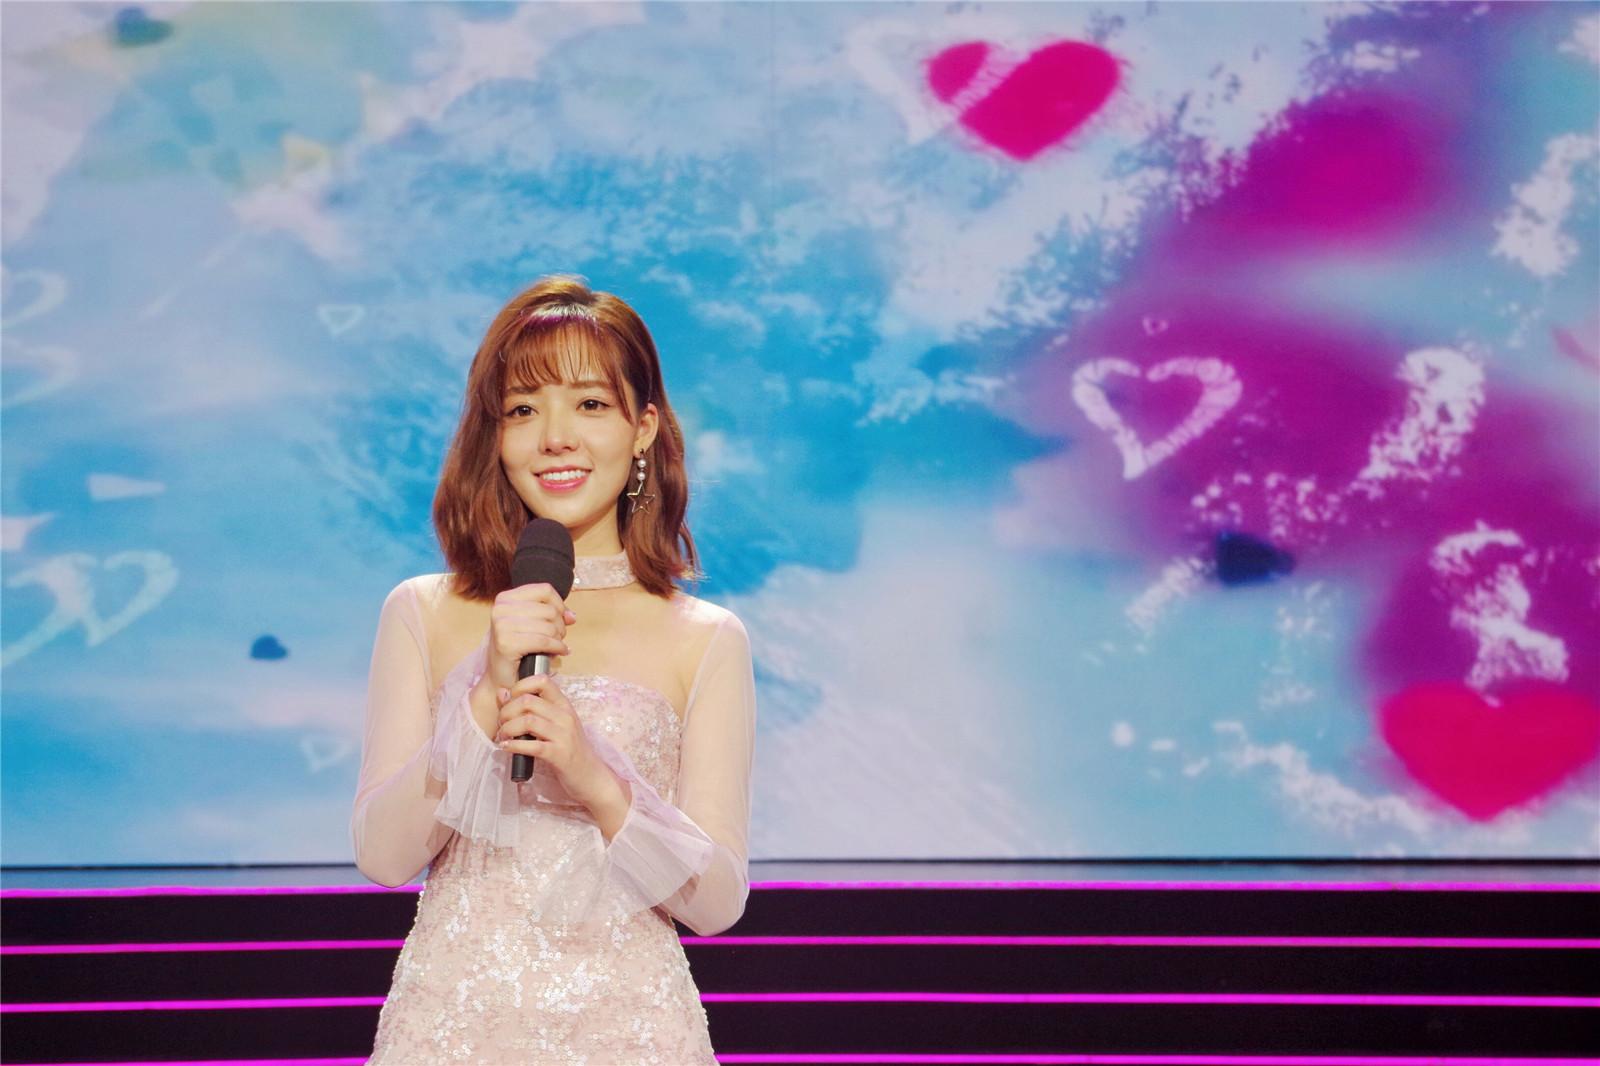 董芷依现身央视节目录制 清新可人亮片裙尽显活力